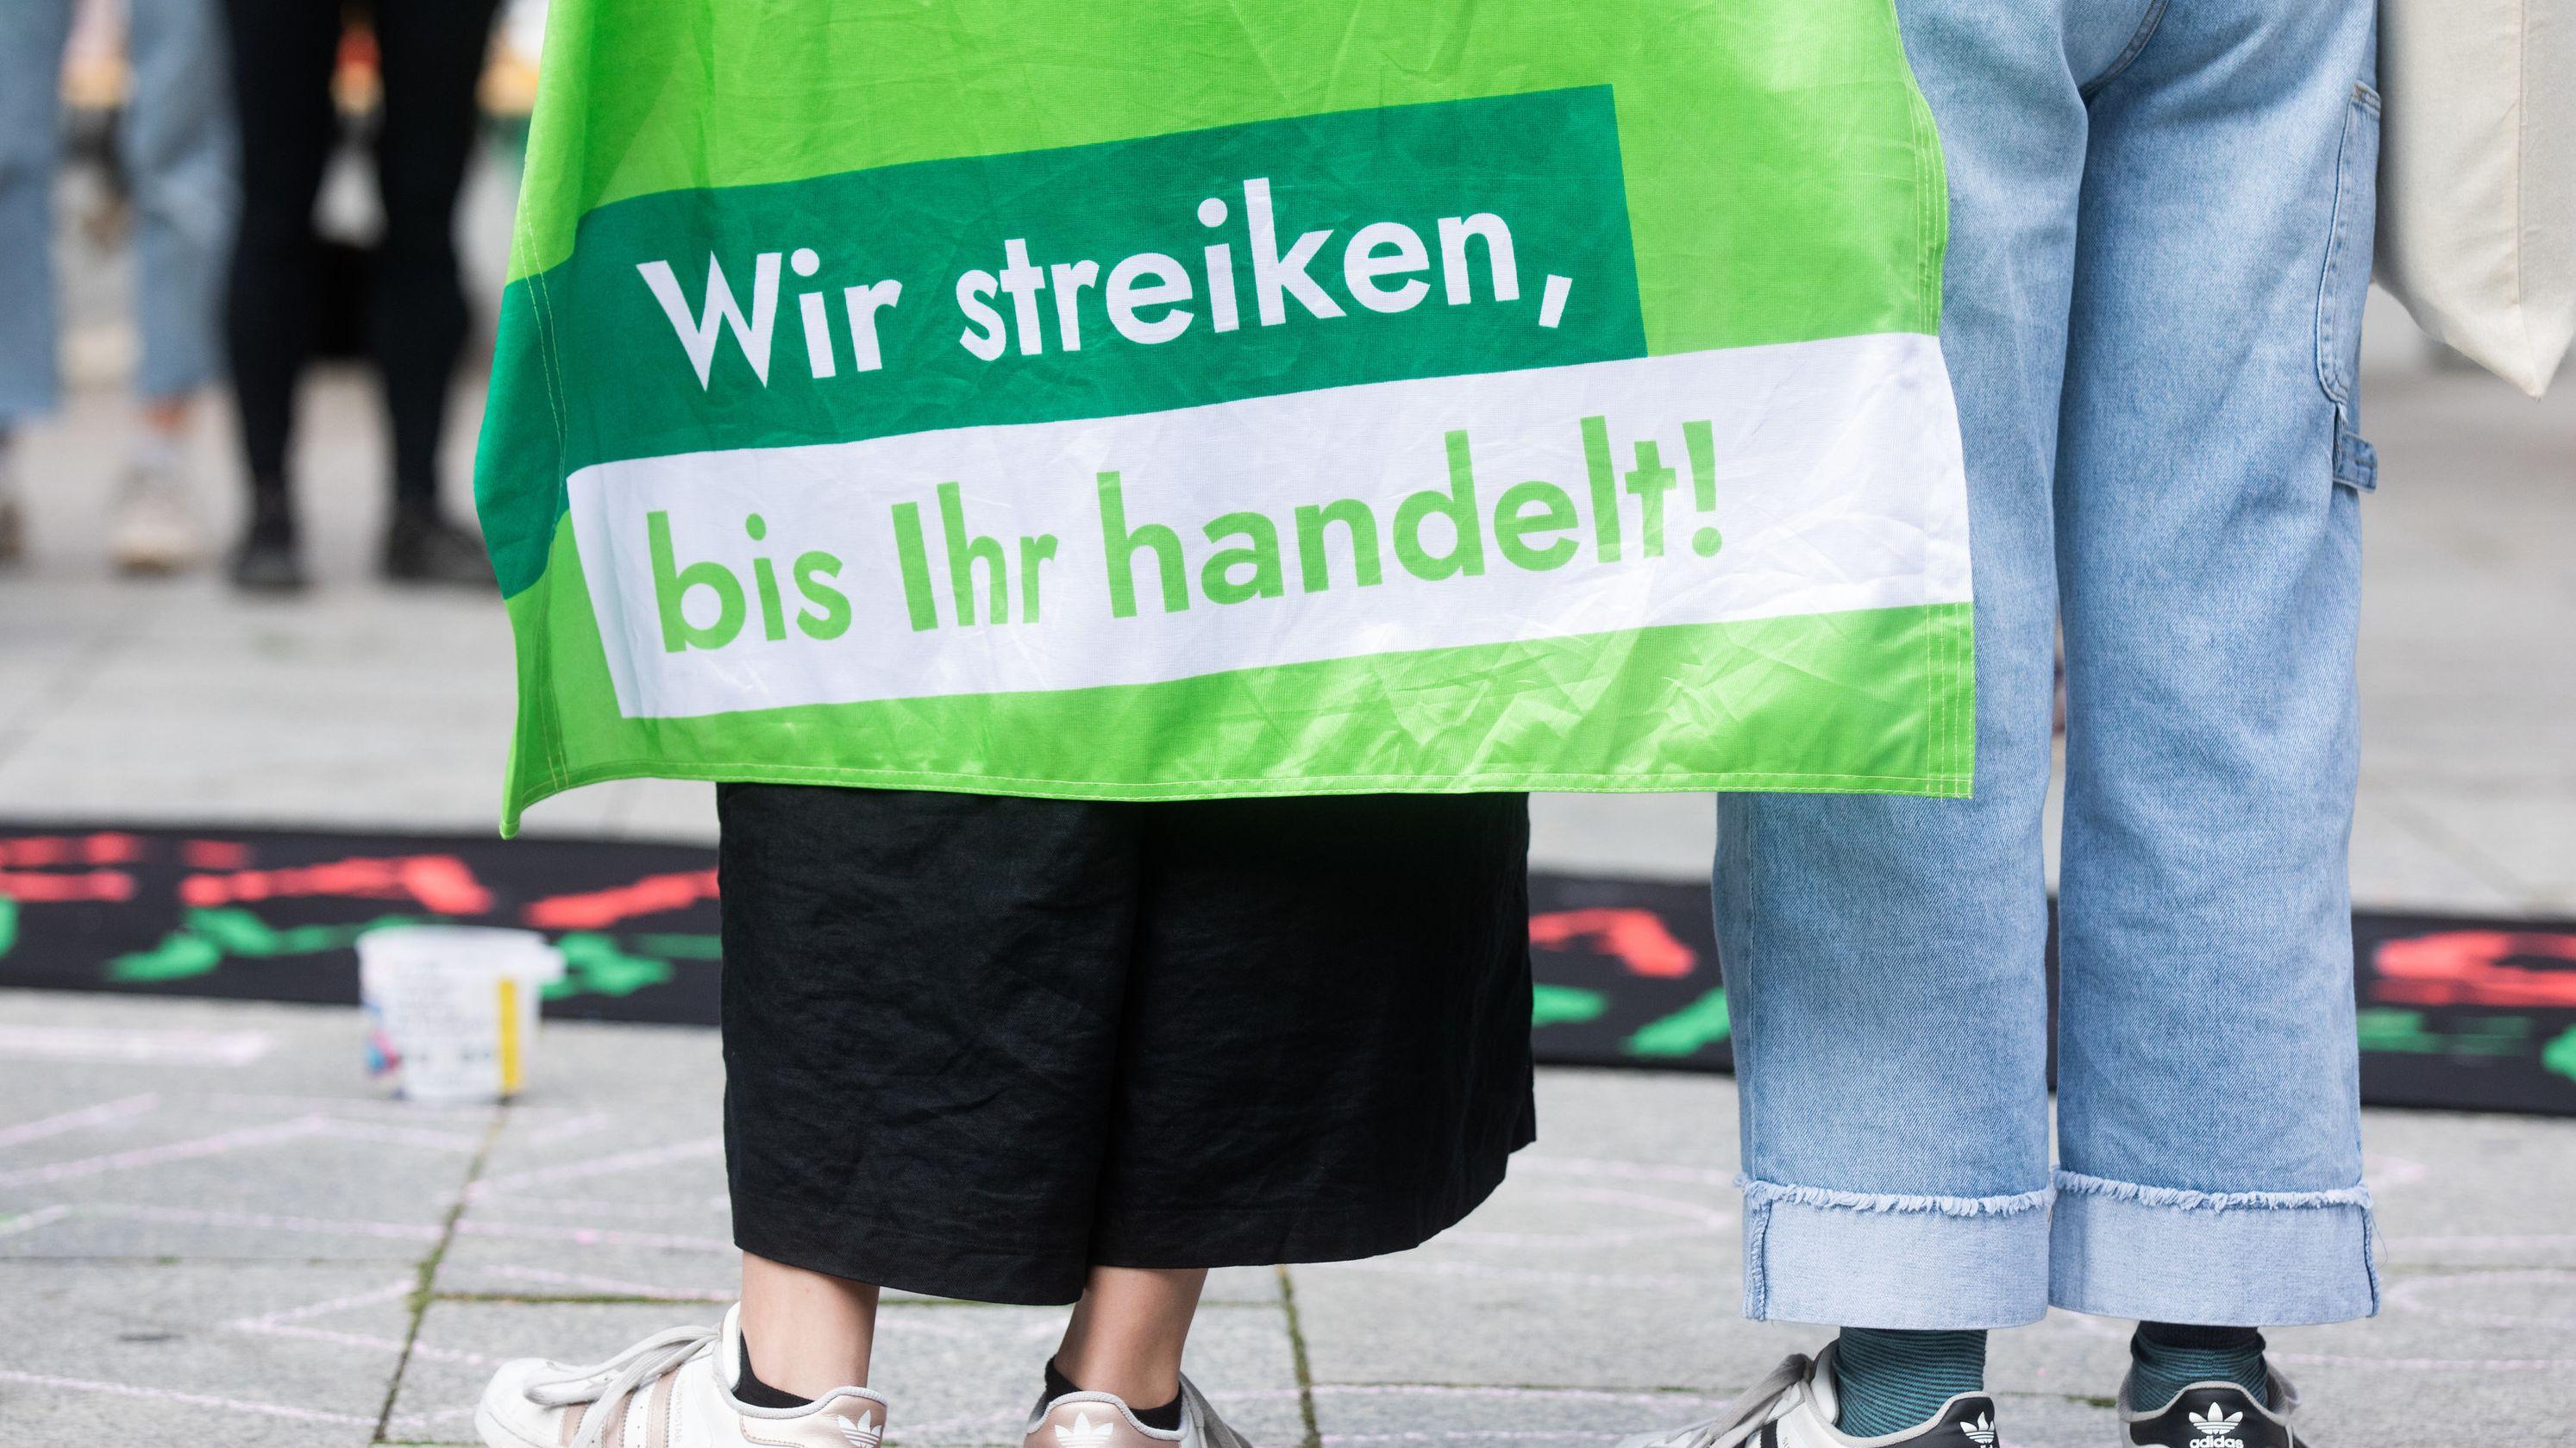 """Köln: Eine Schülerin trägt bei einer Fridays for Future Demonstration vor dem Hauptbahnhof eine Fahne mit der Aufschrift """"Wir streiken, bis Ihr handelt!""""."""